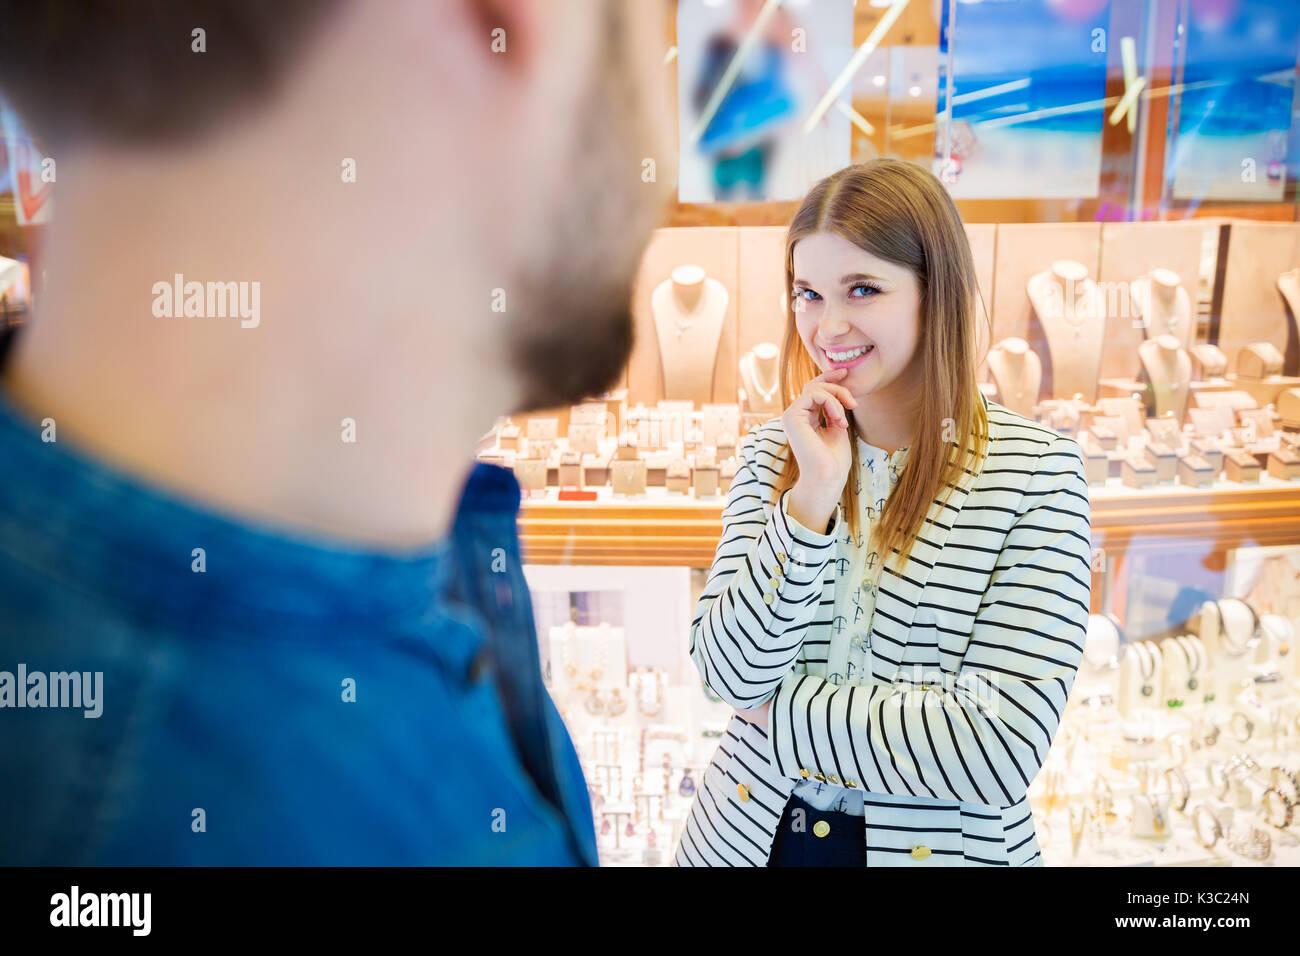 Ein Foto der jungen Frau, die auf mysteriöse Weise neben dem Schaufenster und lächelnd. Stockbild